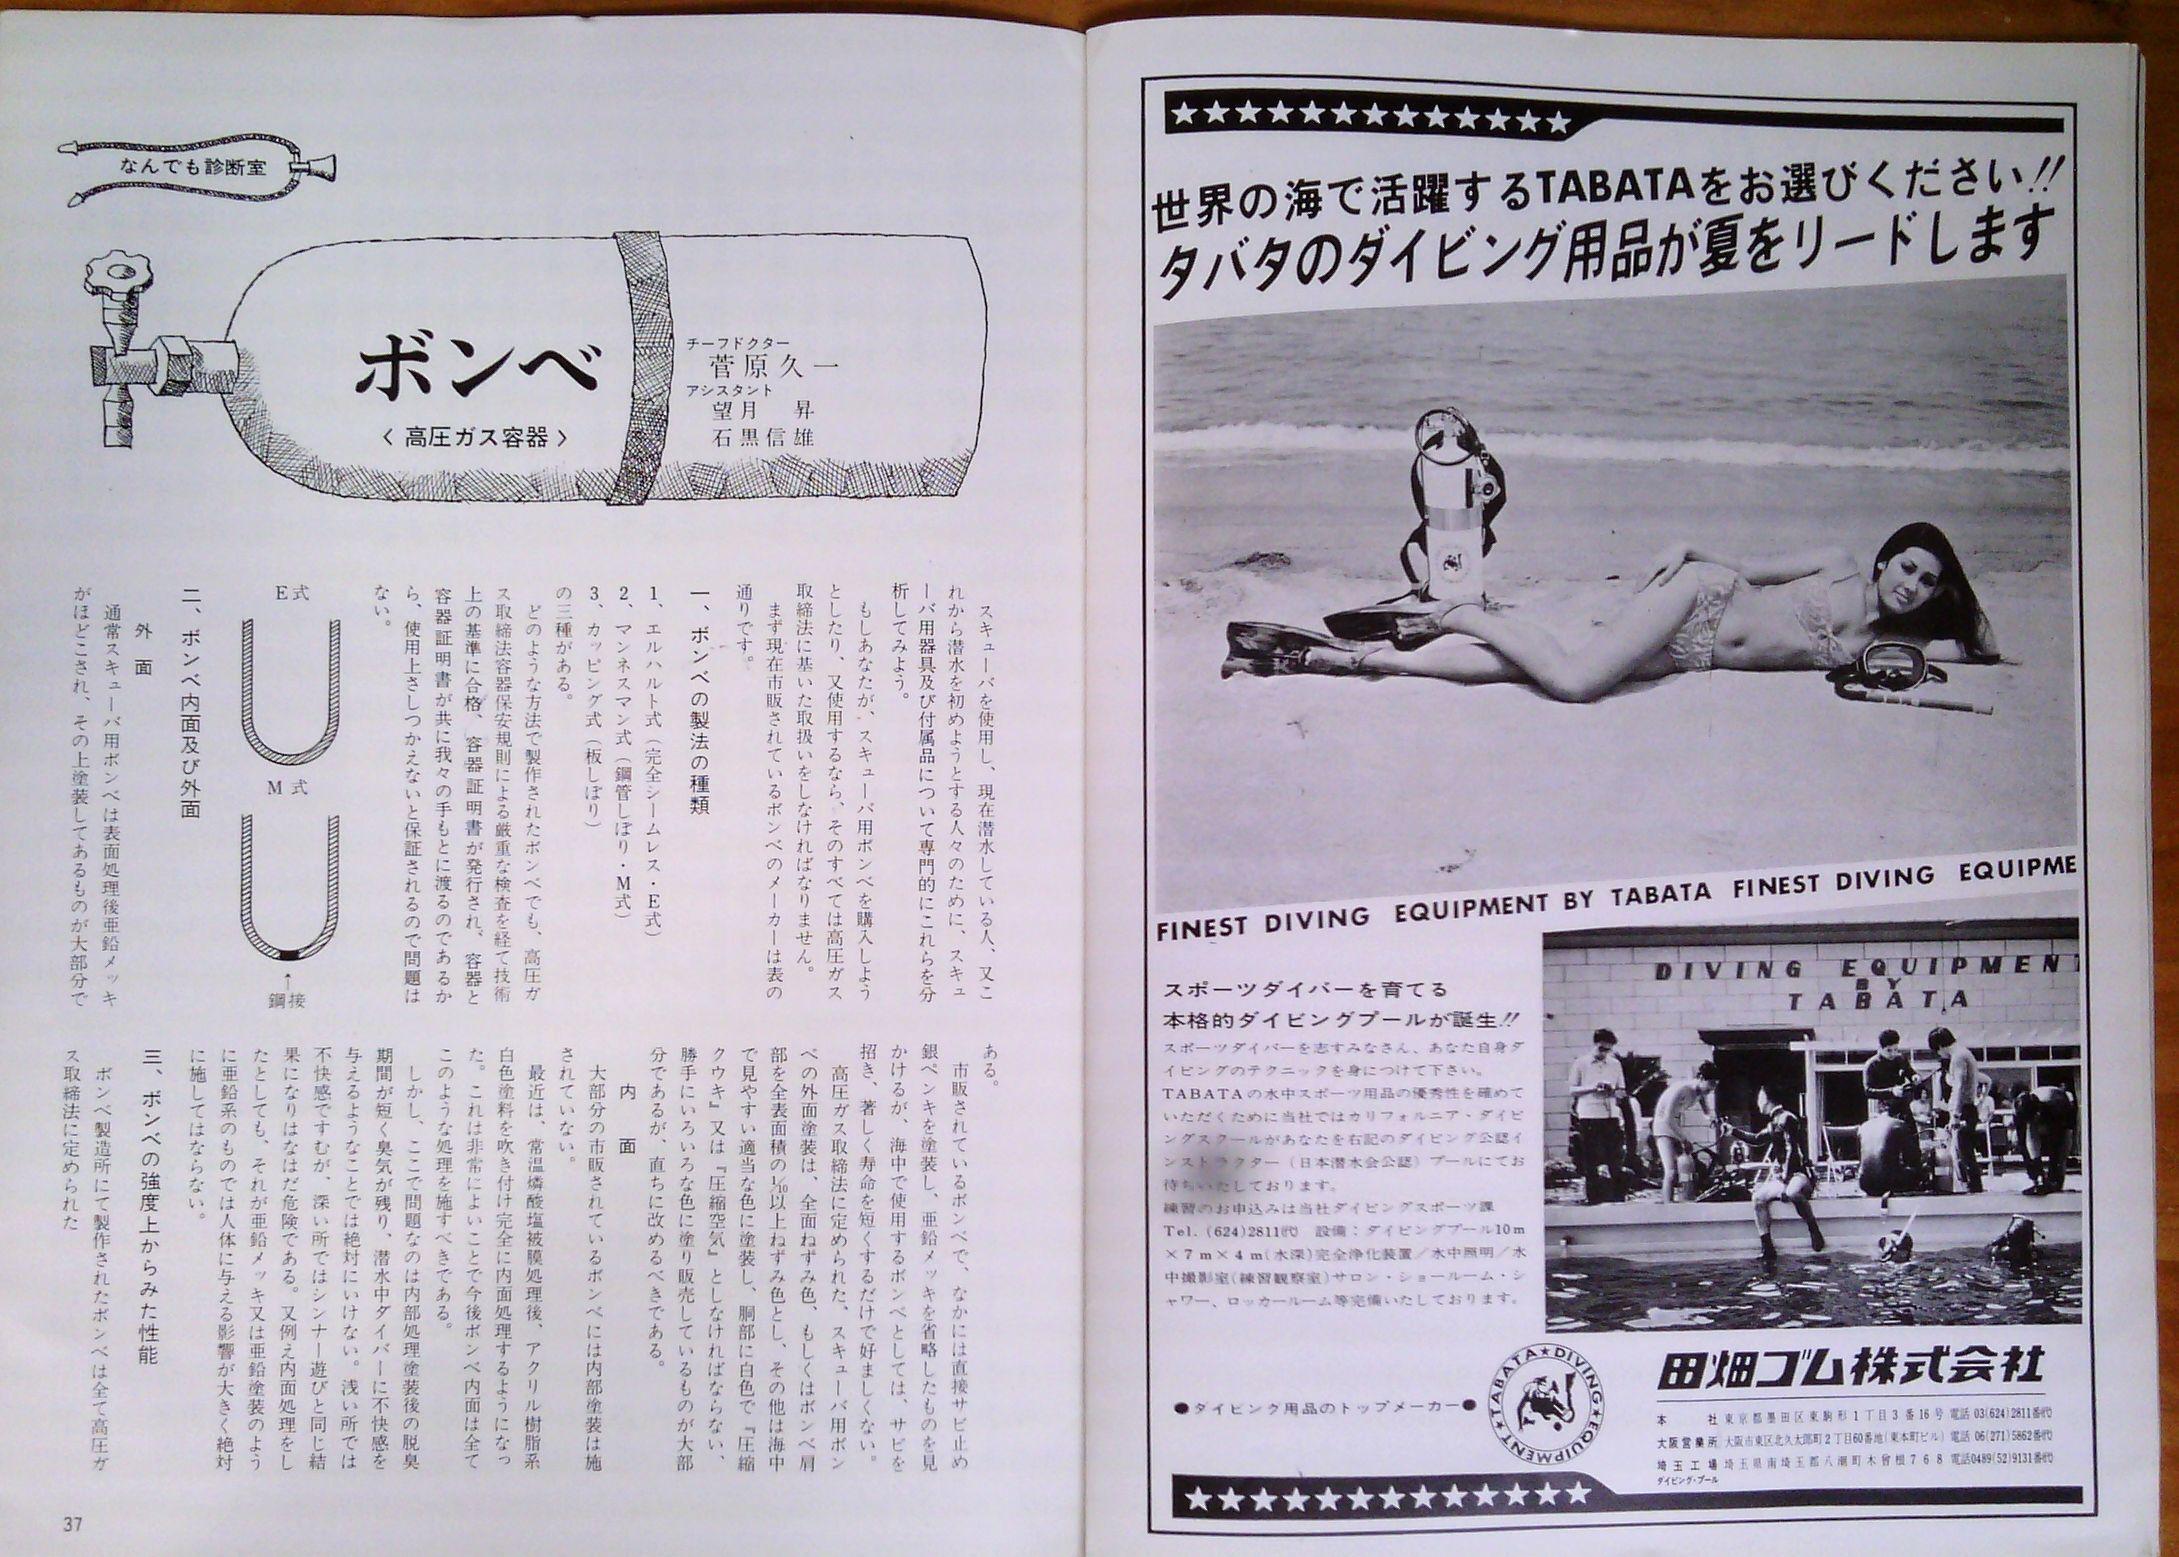 0323  ダイビングの歴史56  マリンダイビング創刊1969_b0075059_14291548.jpg